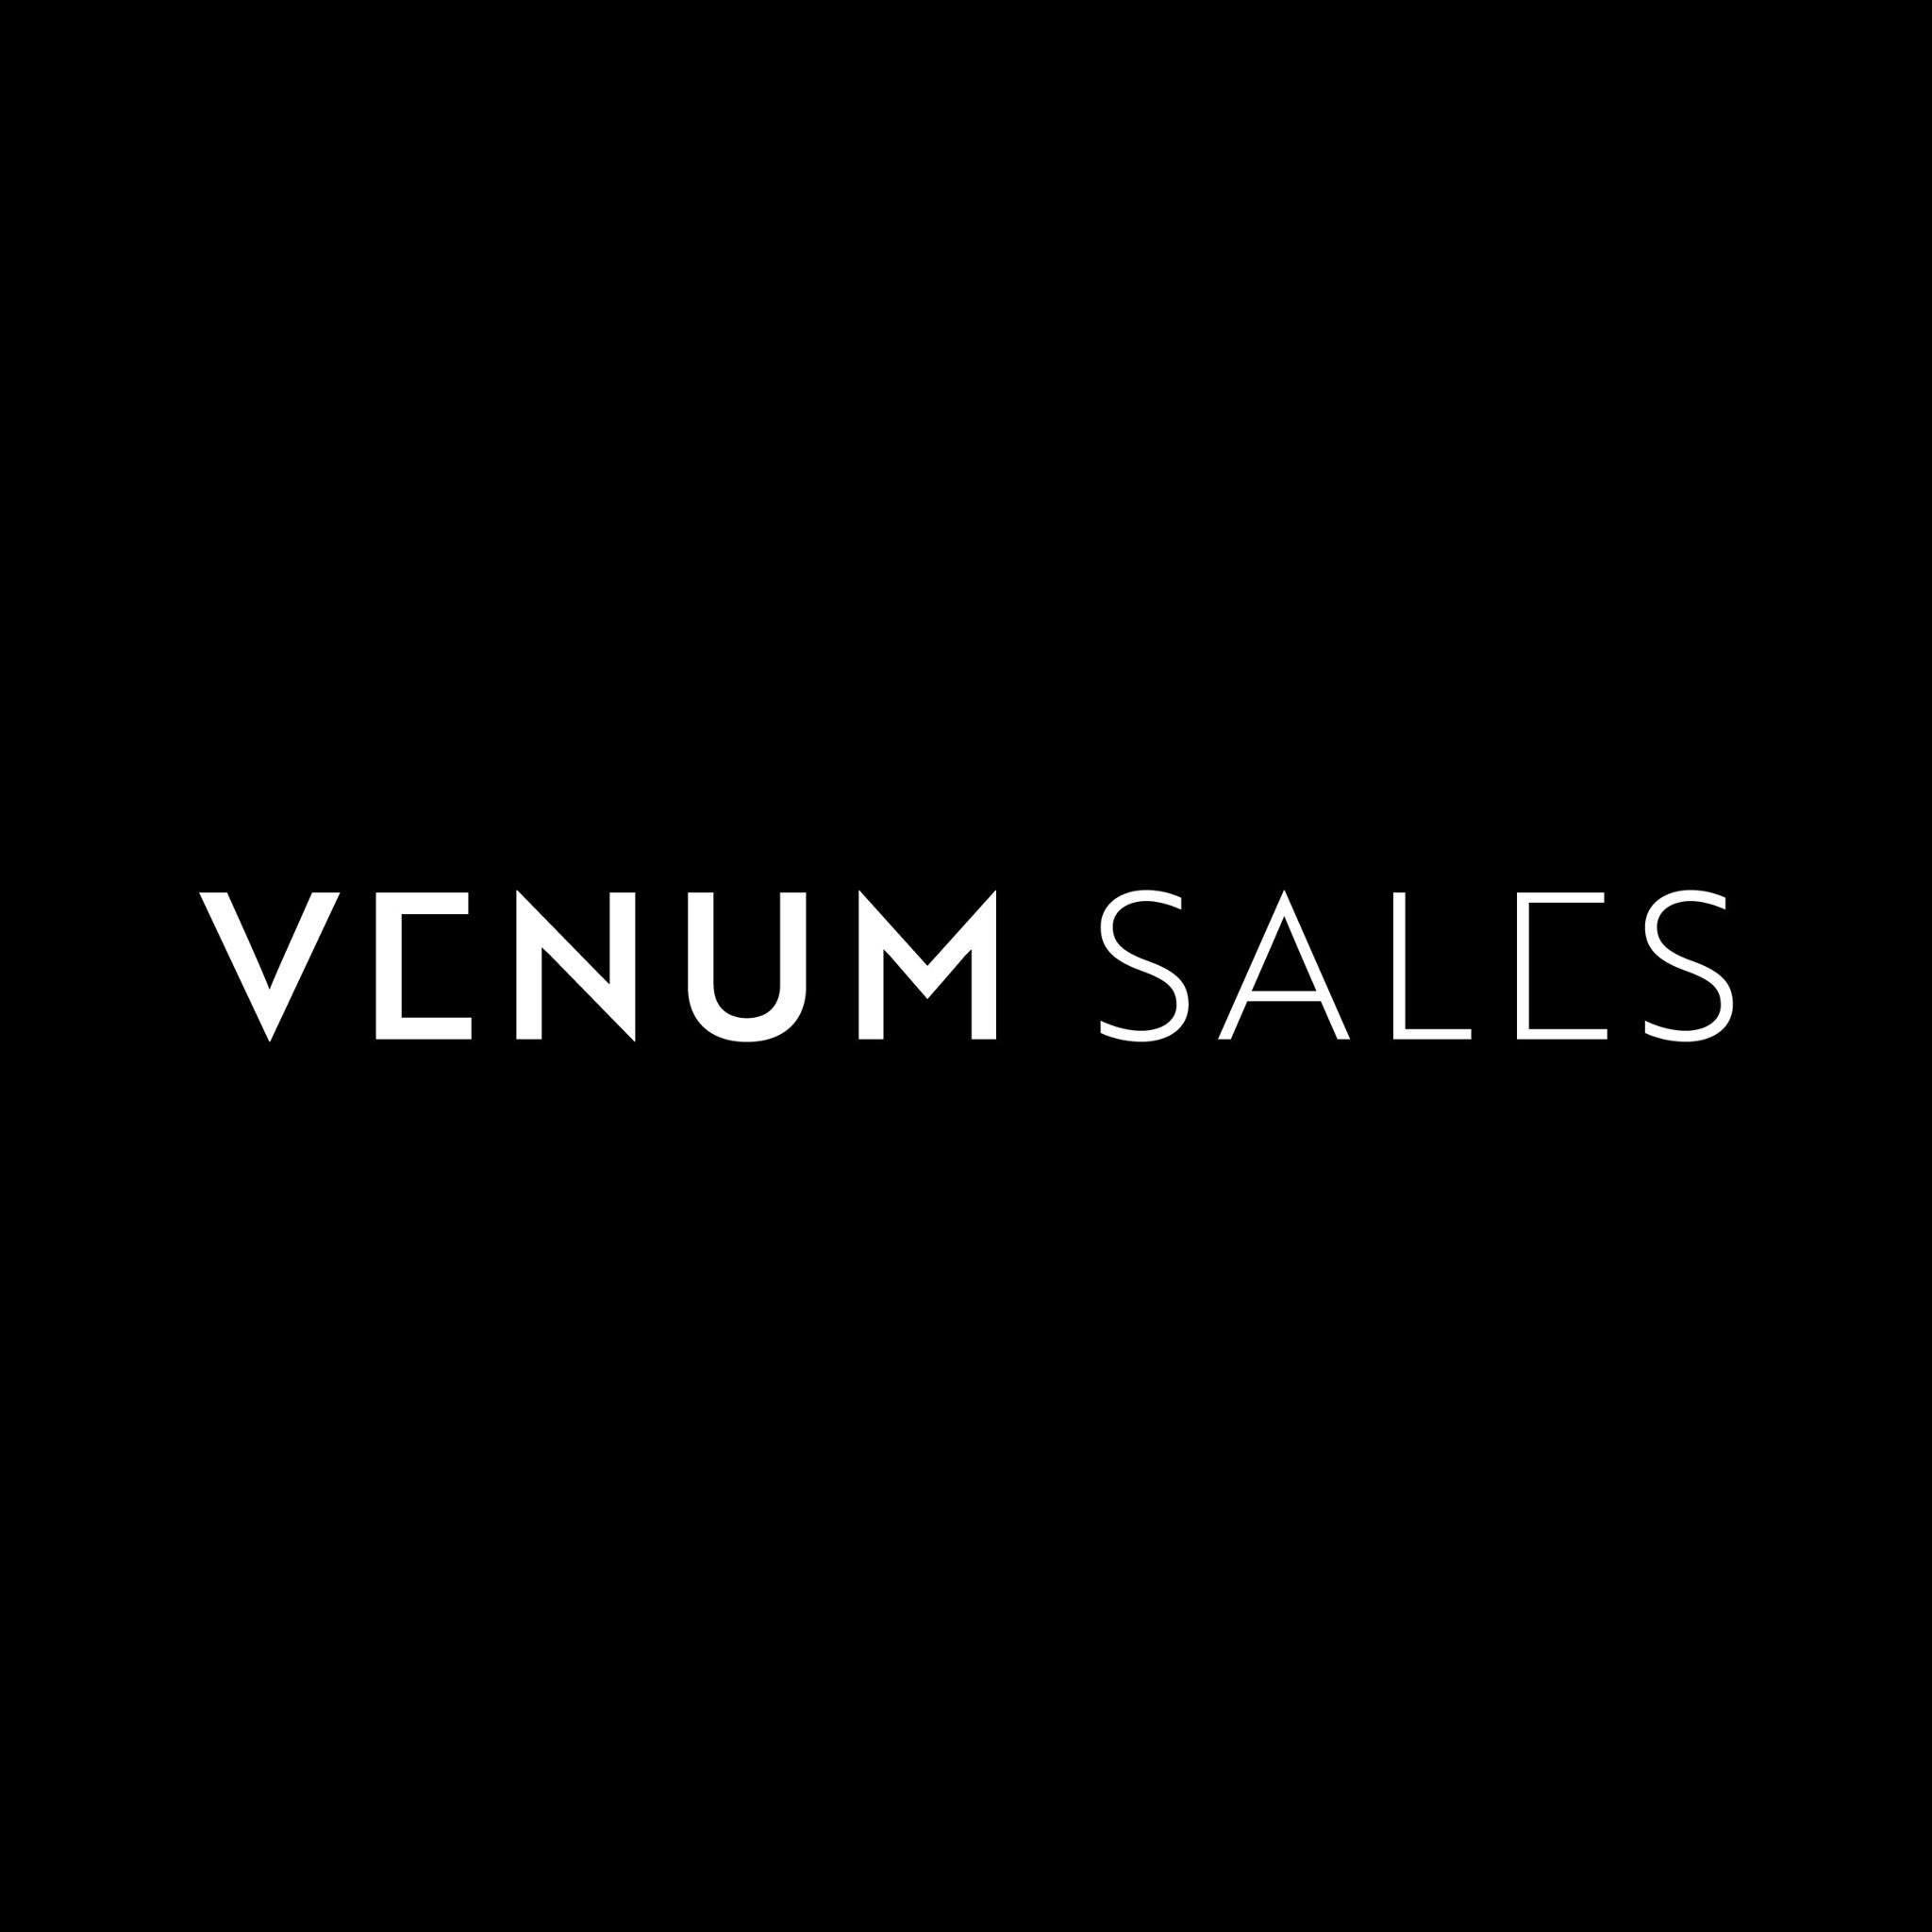 Venum Sales logo